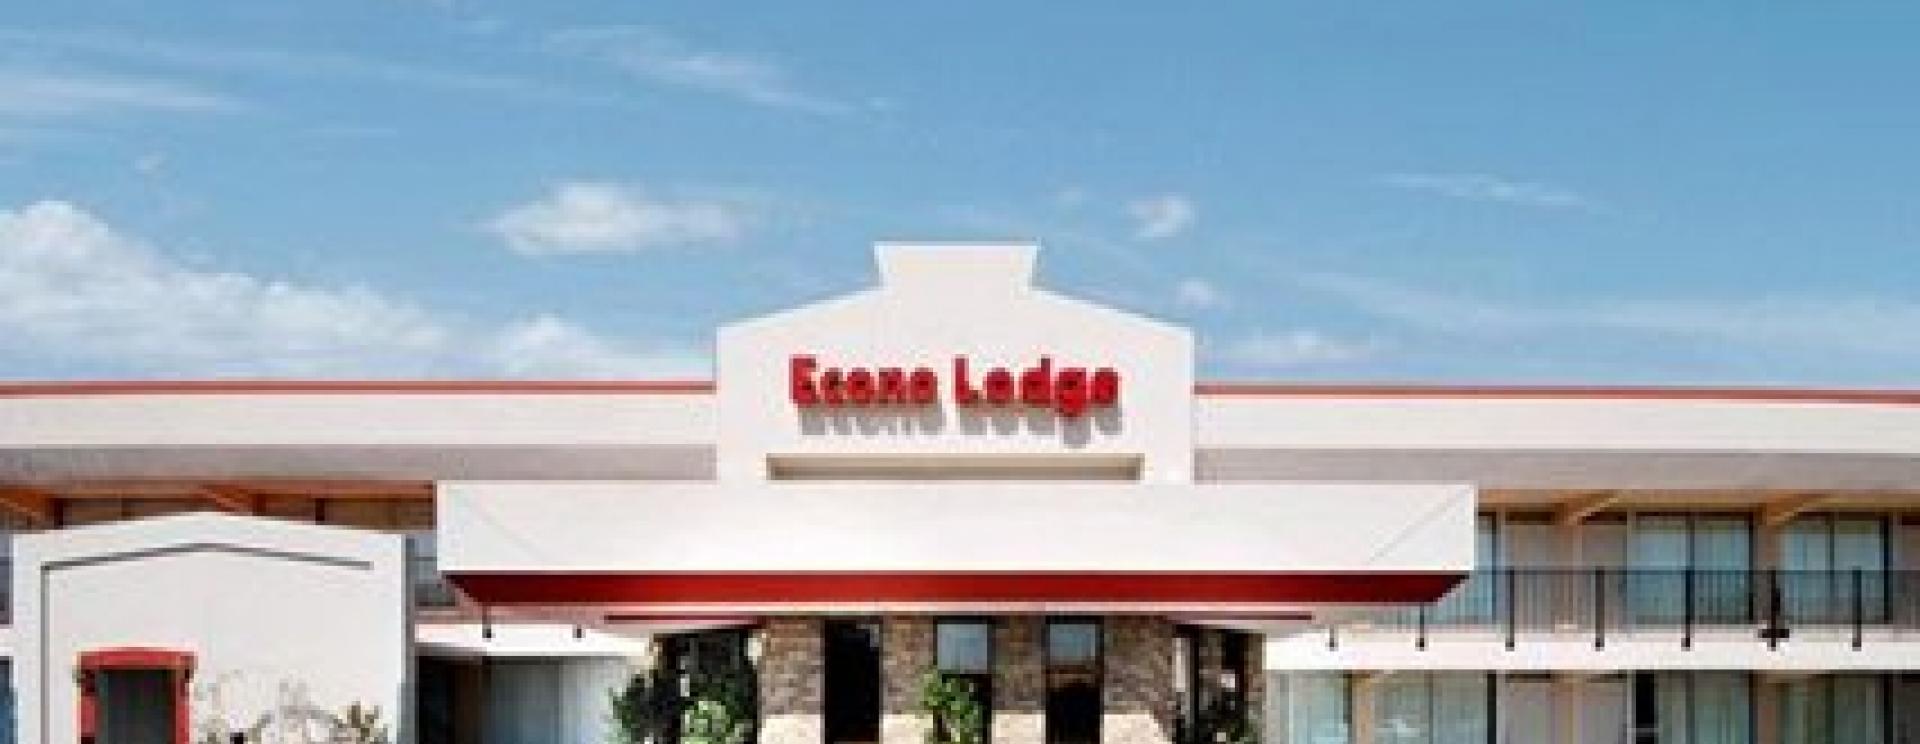 Econo Lodge - Wall